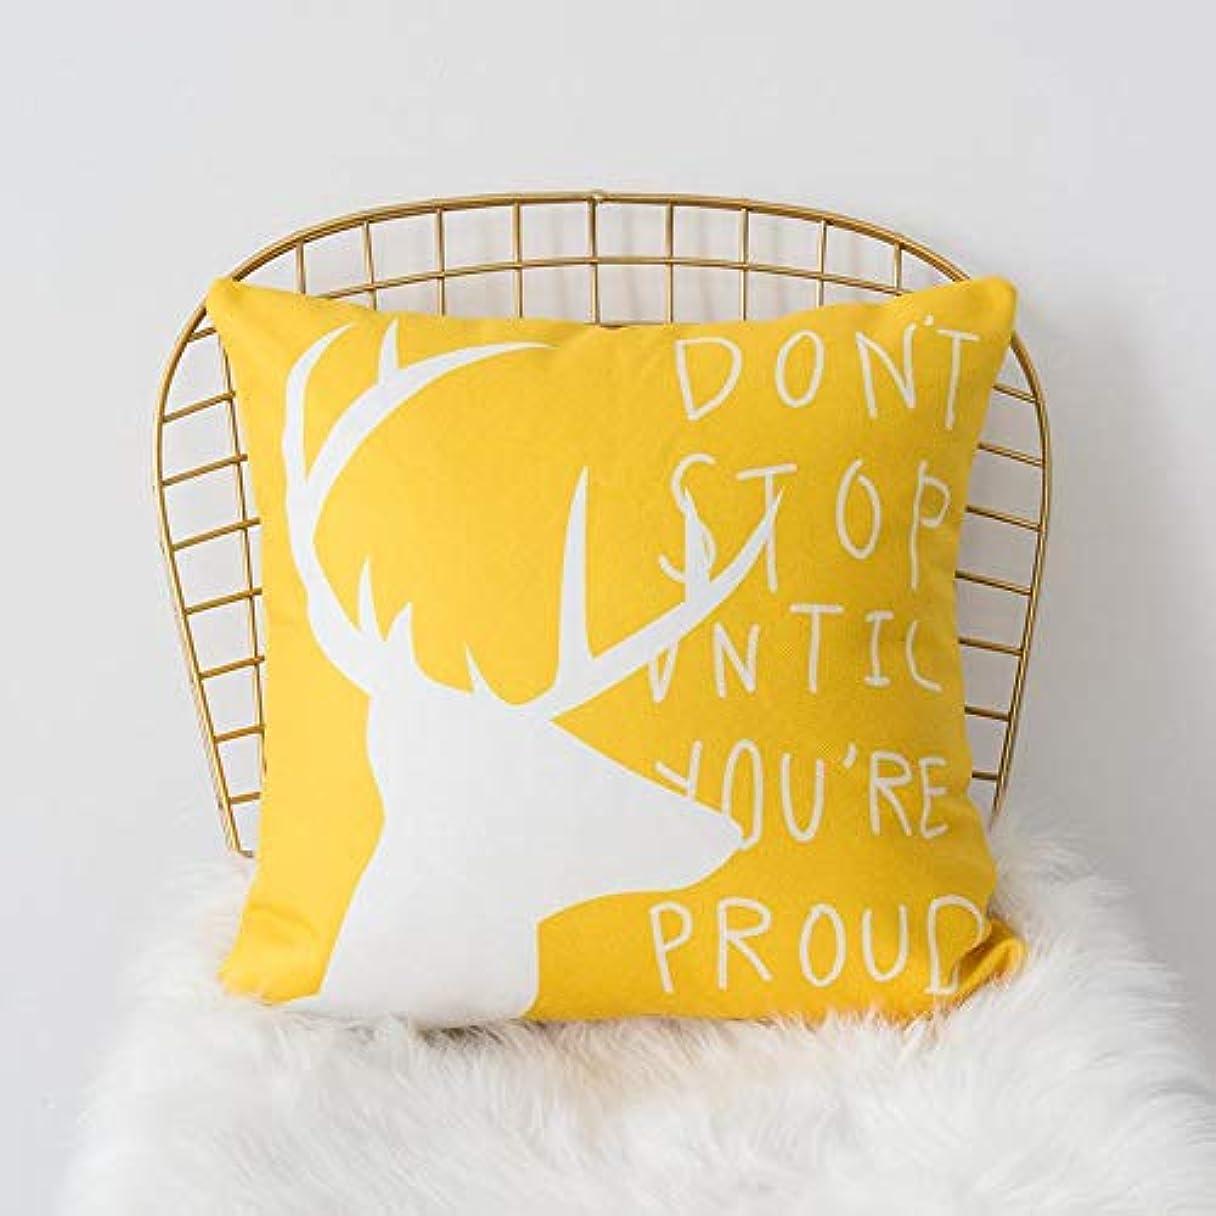 冷淡な従者液体SMART 黄色グレー枕北欧スタイル黄色ヘラジカ幾何枕リビングルームのインテリアソファクッション Cojines 装飾良質 クッション 椅子